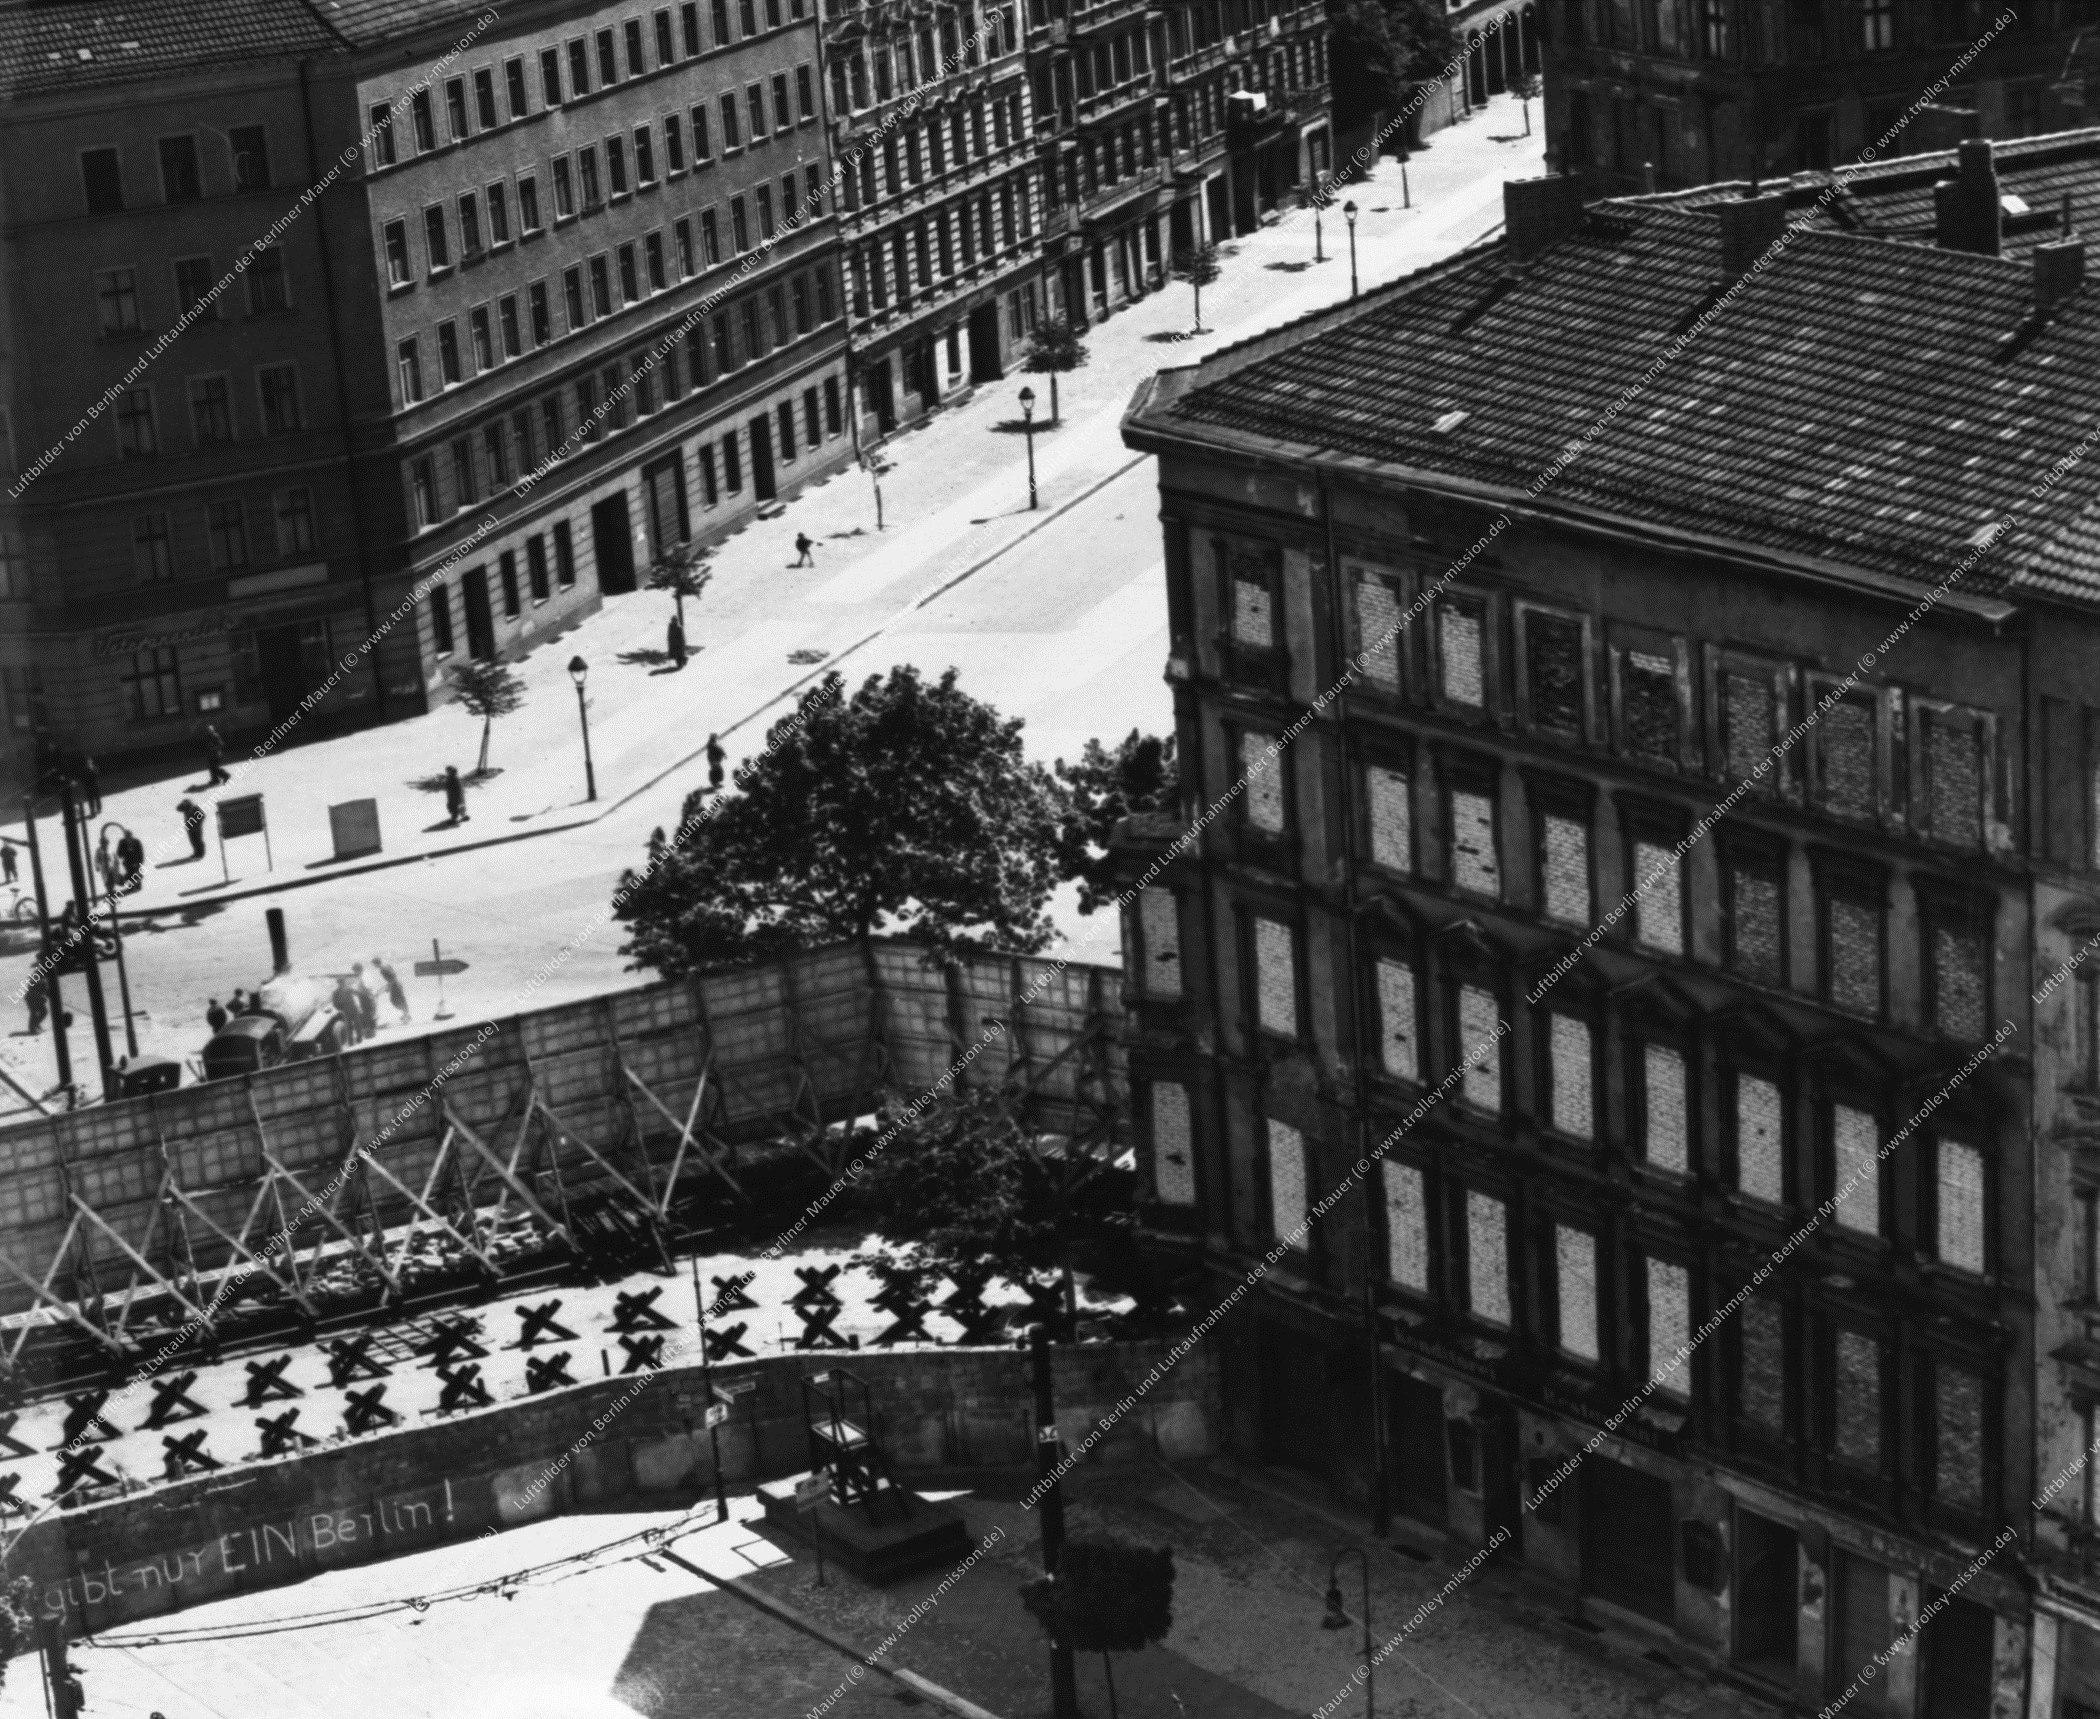 Berlin Luftbild Bernauer Straße, Schwedter Straße und Oderberger Straße (Bild 010)